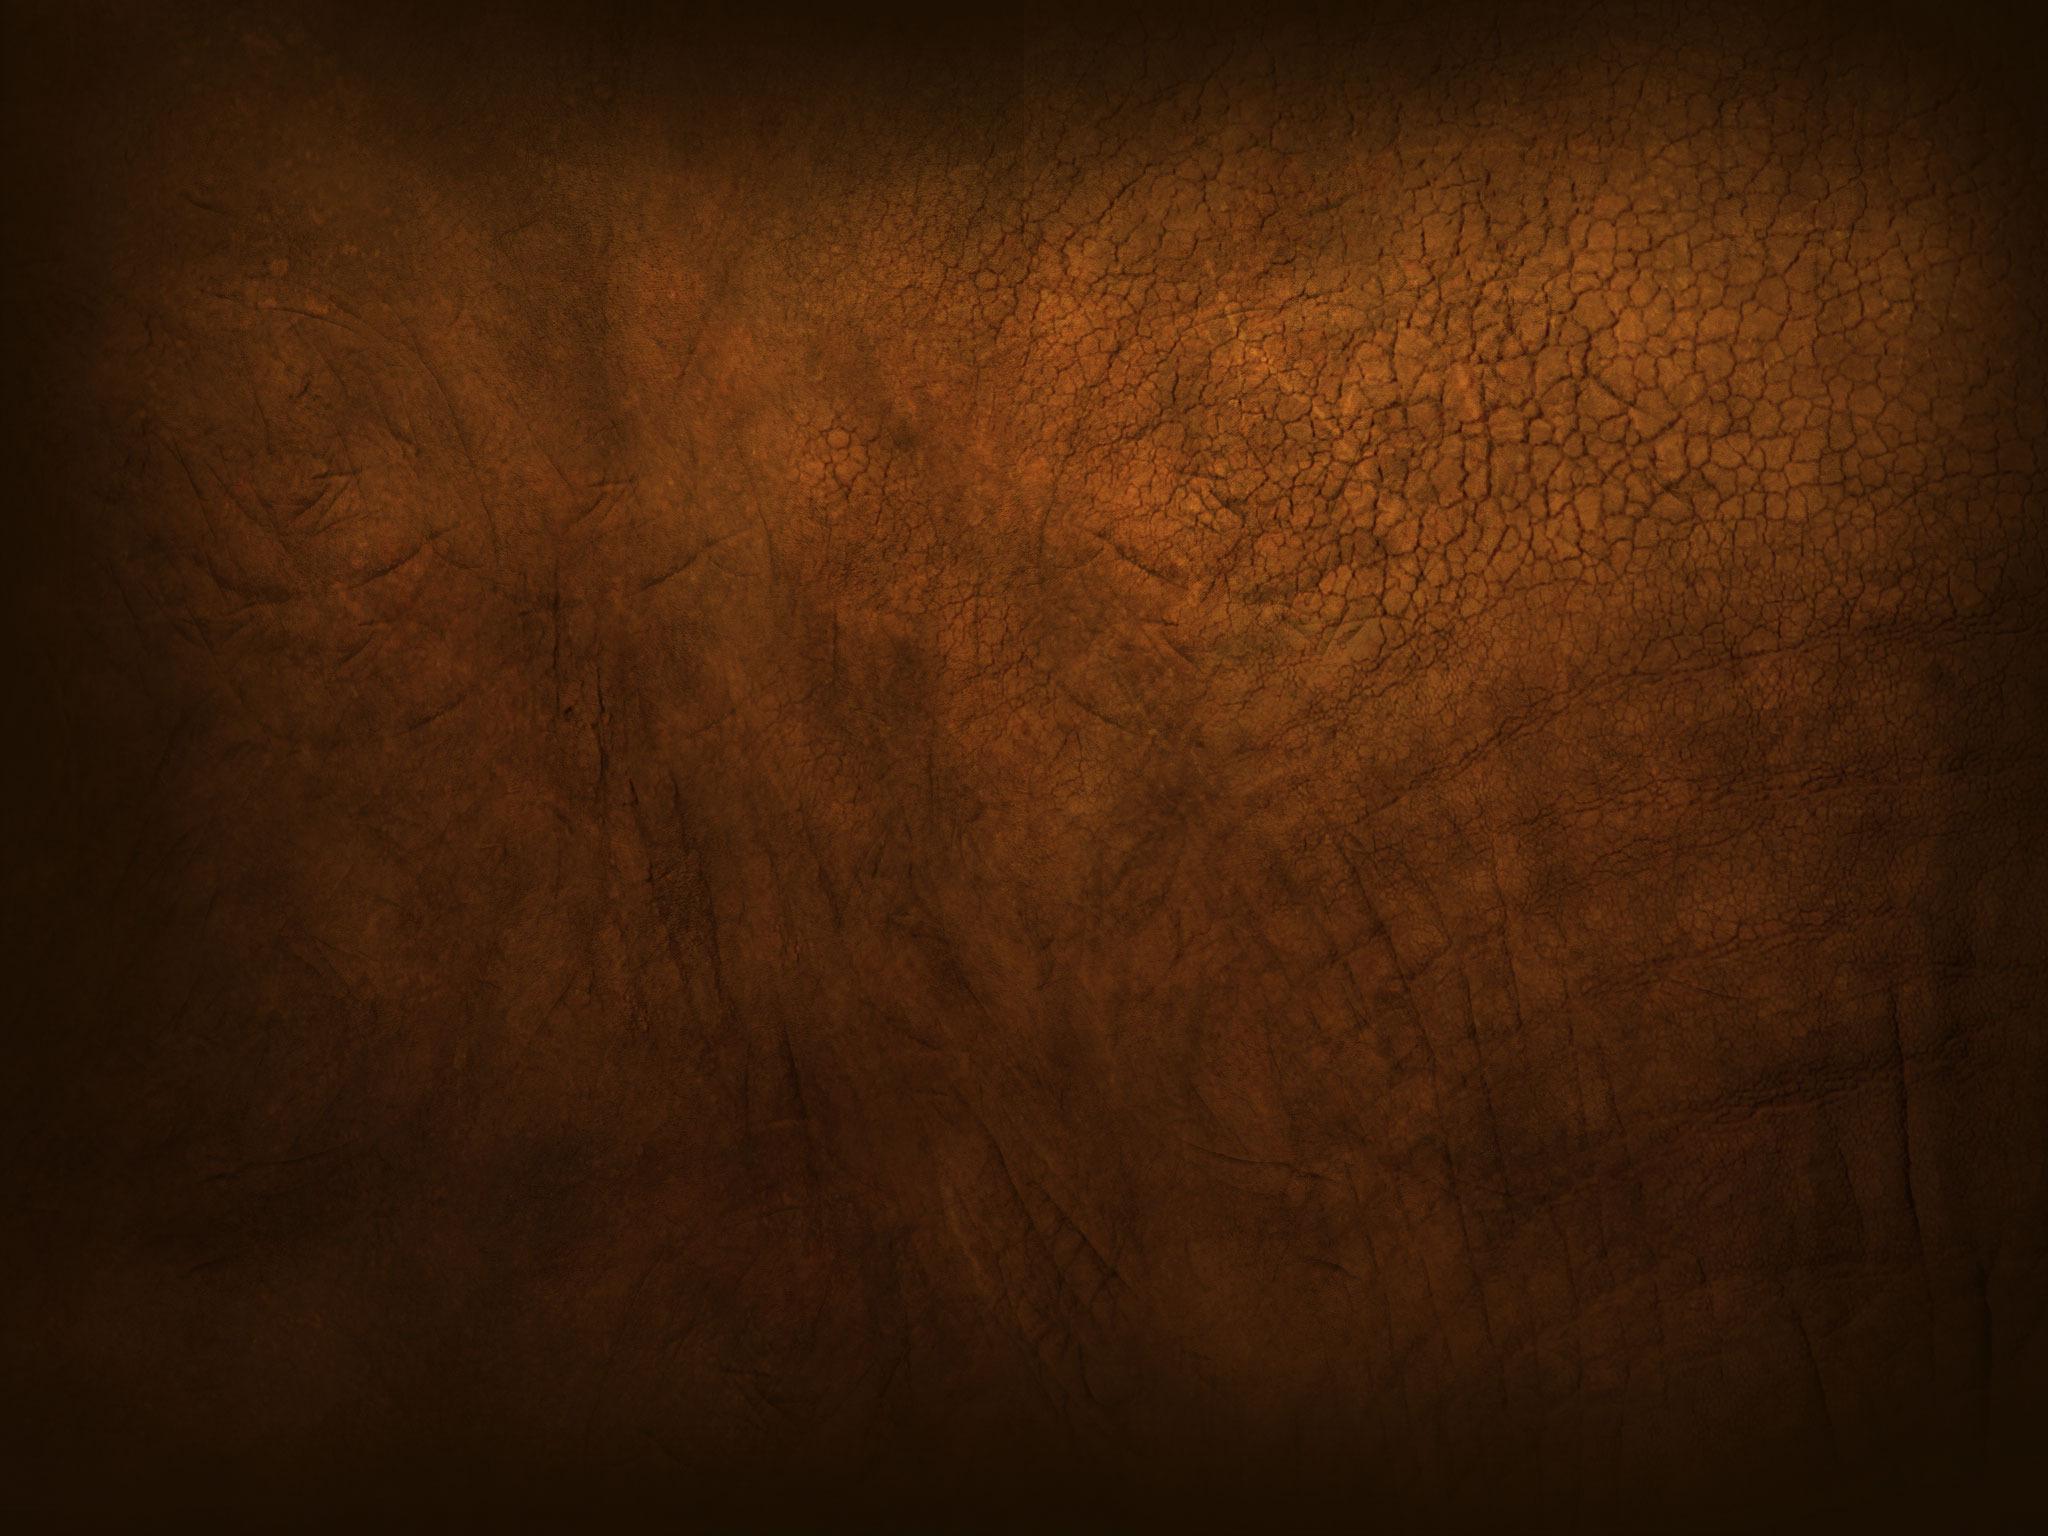 Brown Textures Wallpaper 2048x1536 Brown Textures 2048x1536